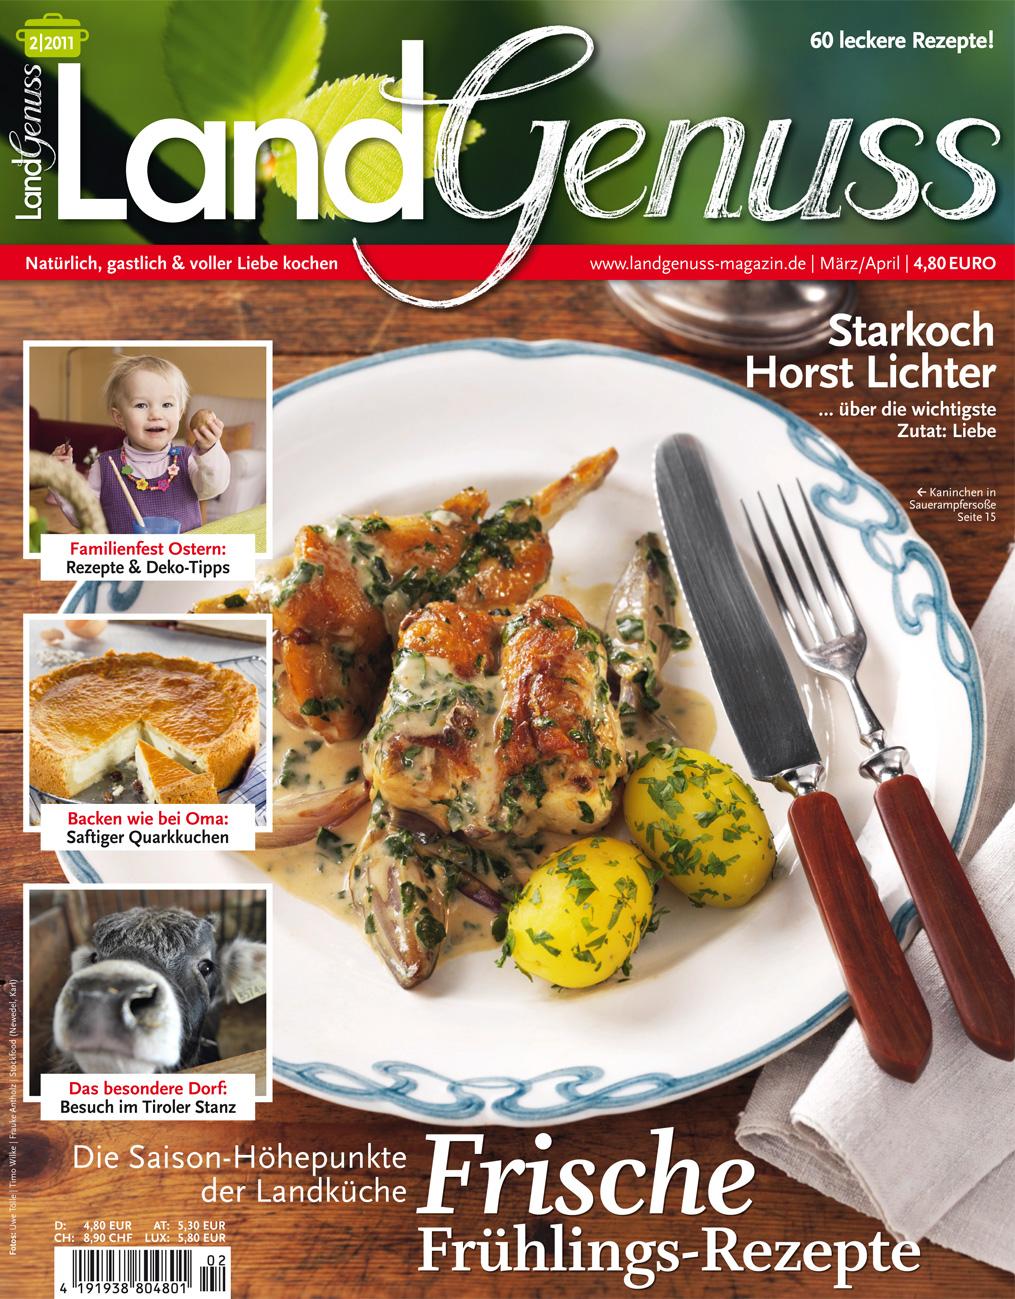 """LandGenuss""""-Magazin ab 25. Februar erhältlich - falkemedia GmbH & Co ..."""